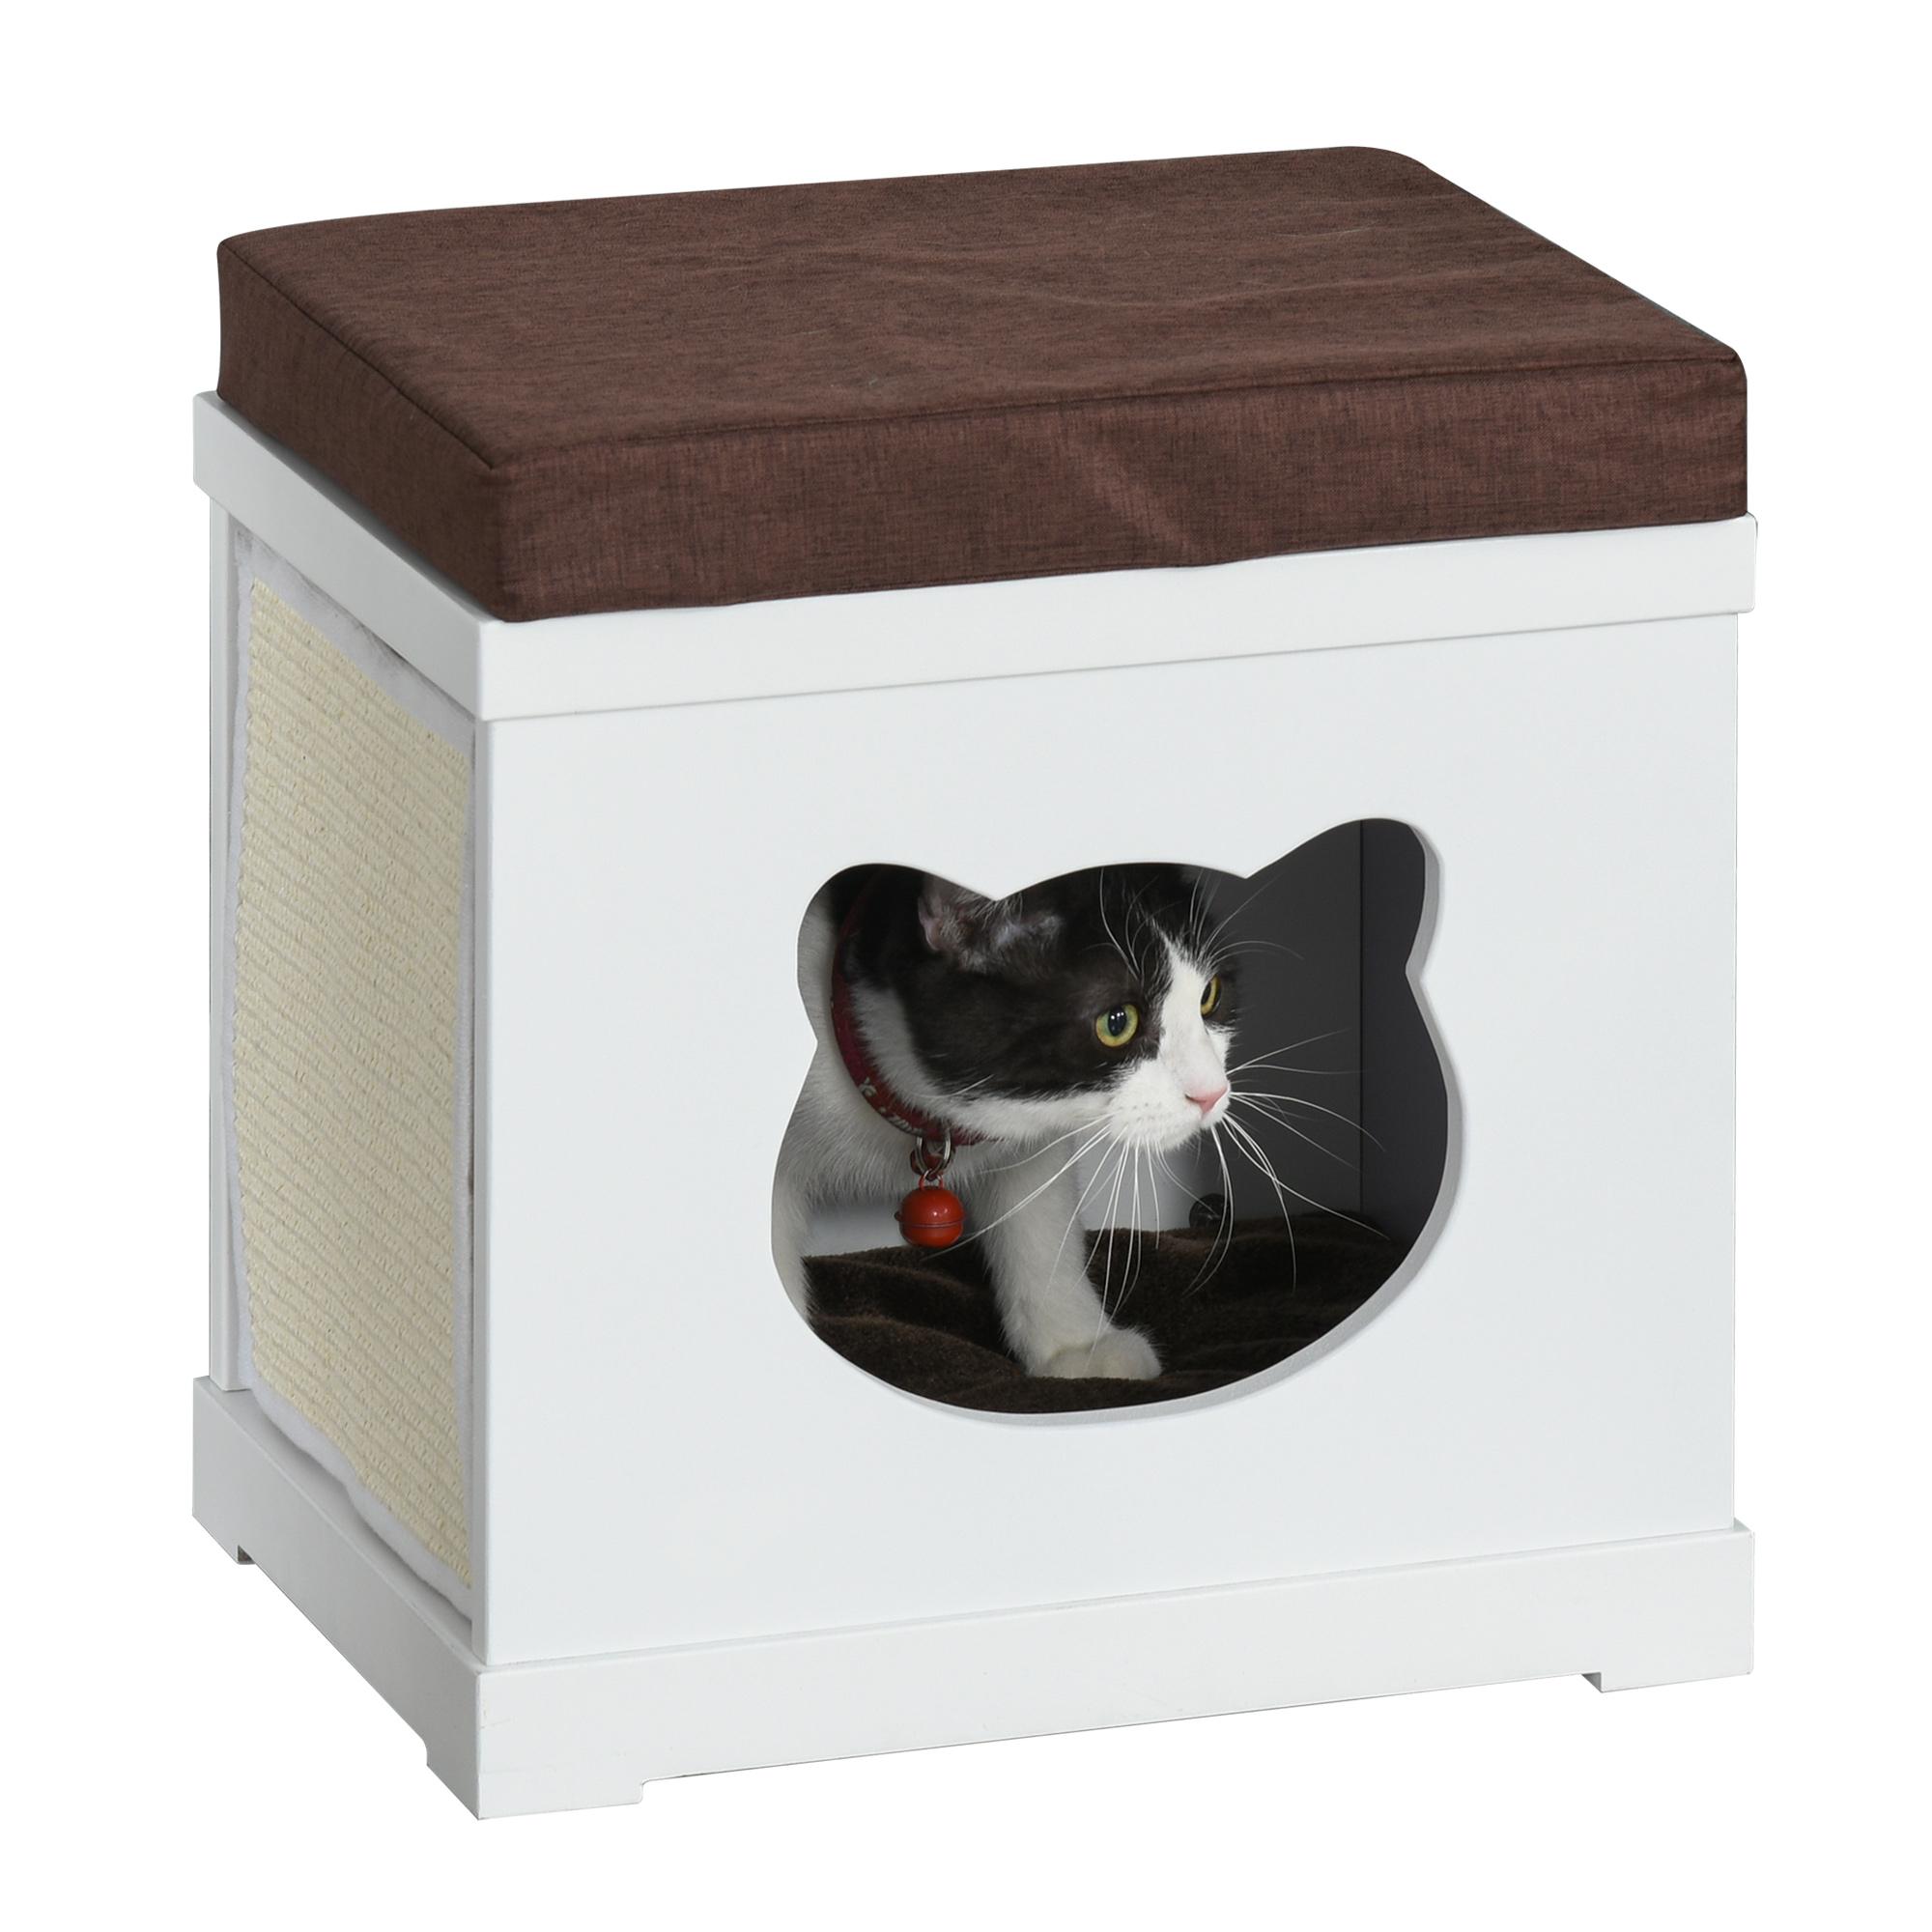 PawHut Cuccia per Gatti in Legno con 2 Cuscini e Tiragraffi Rimovibili, Bianco